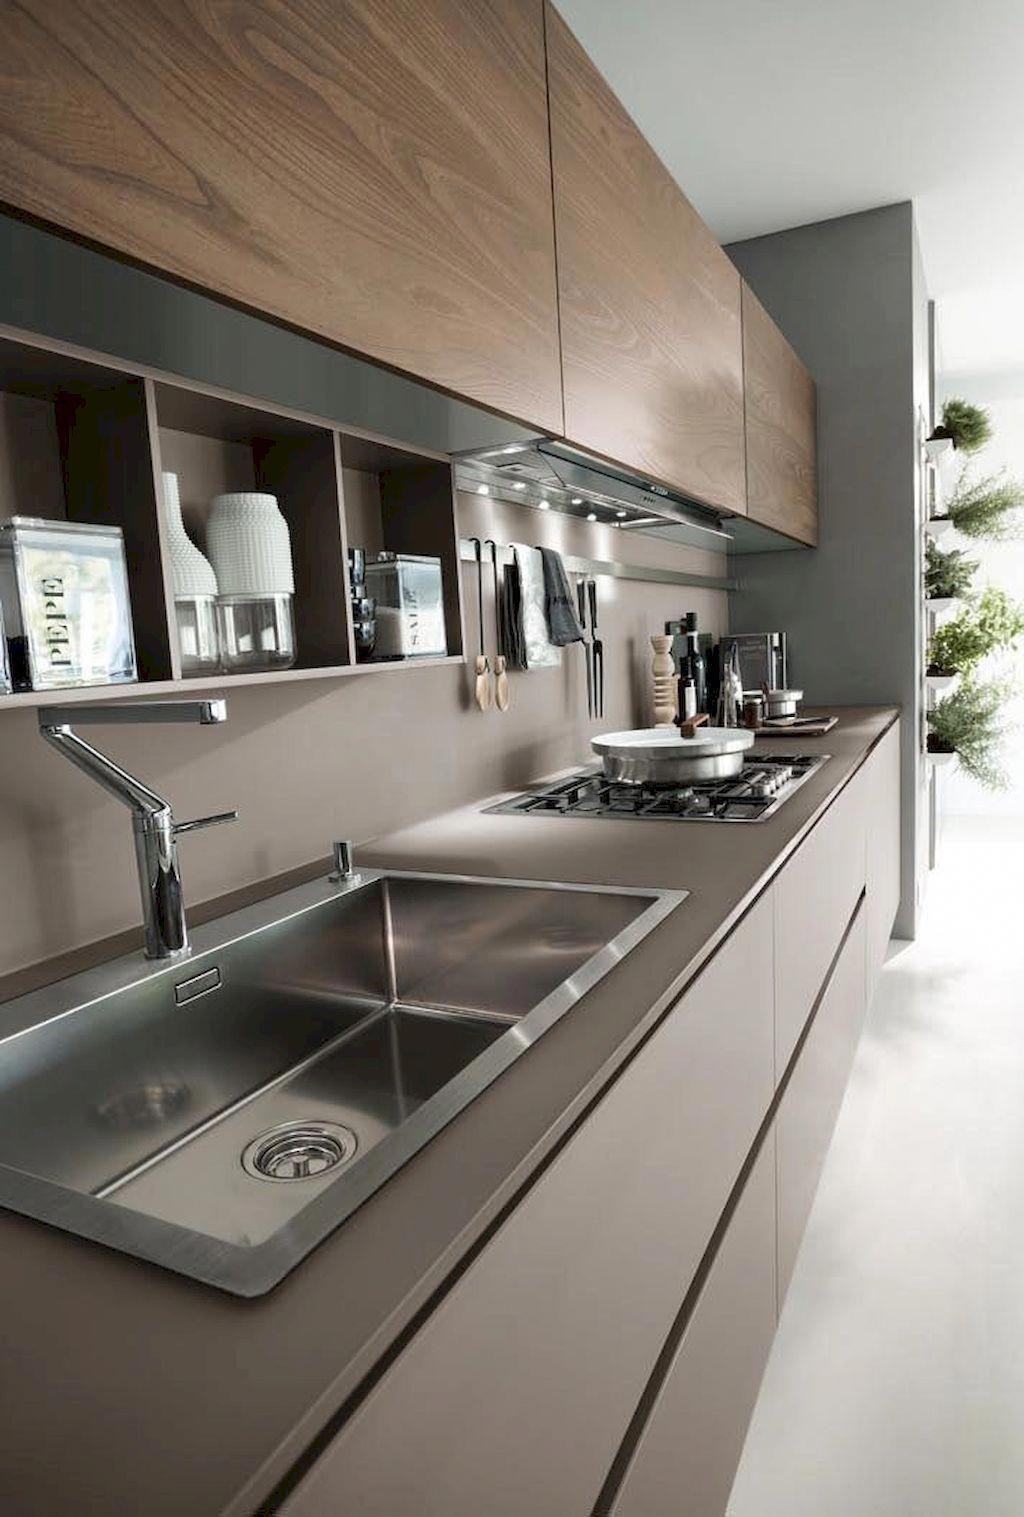 Küchenideen eiche kitchendesigns  küchen ideen  pinterest  moderne küche küchen